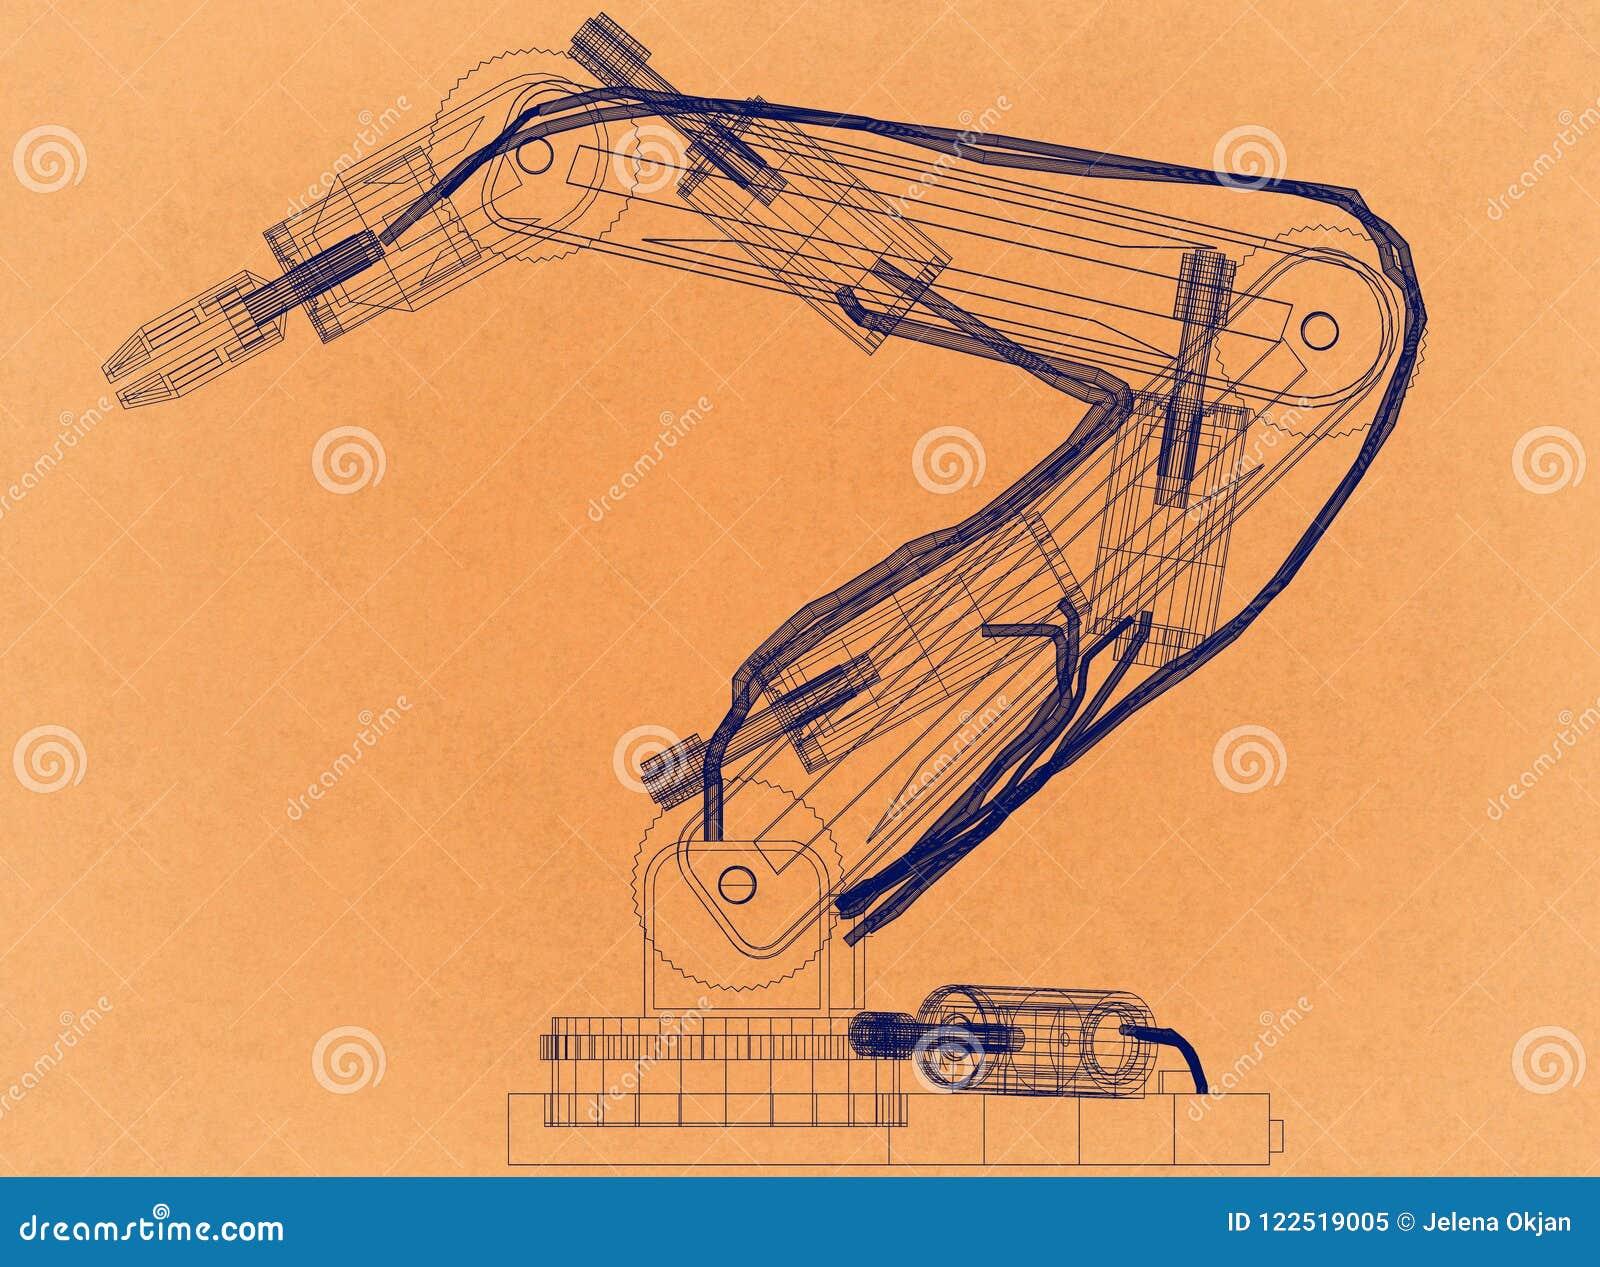 Conception robotique de bras - rétro architecte Blueprint